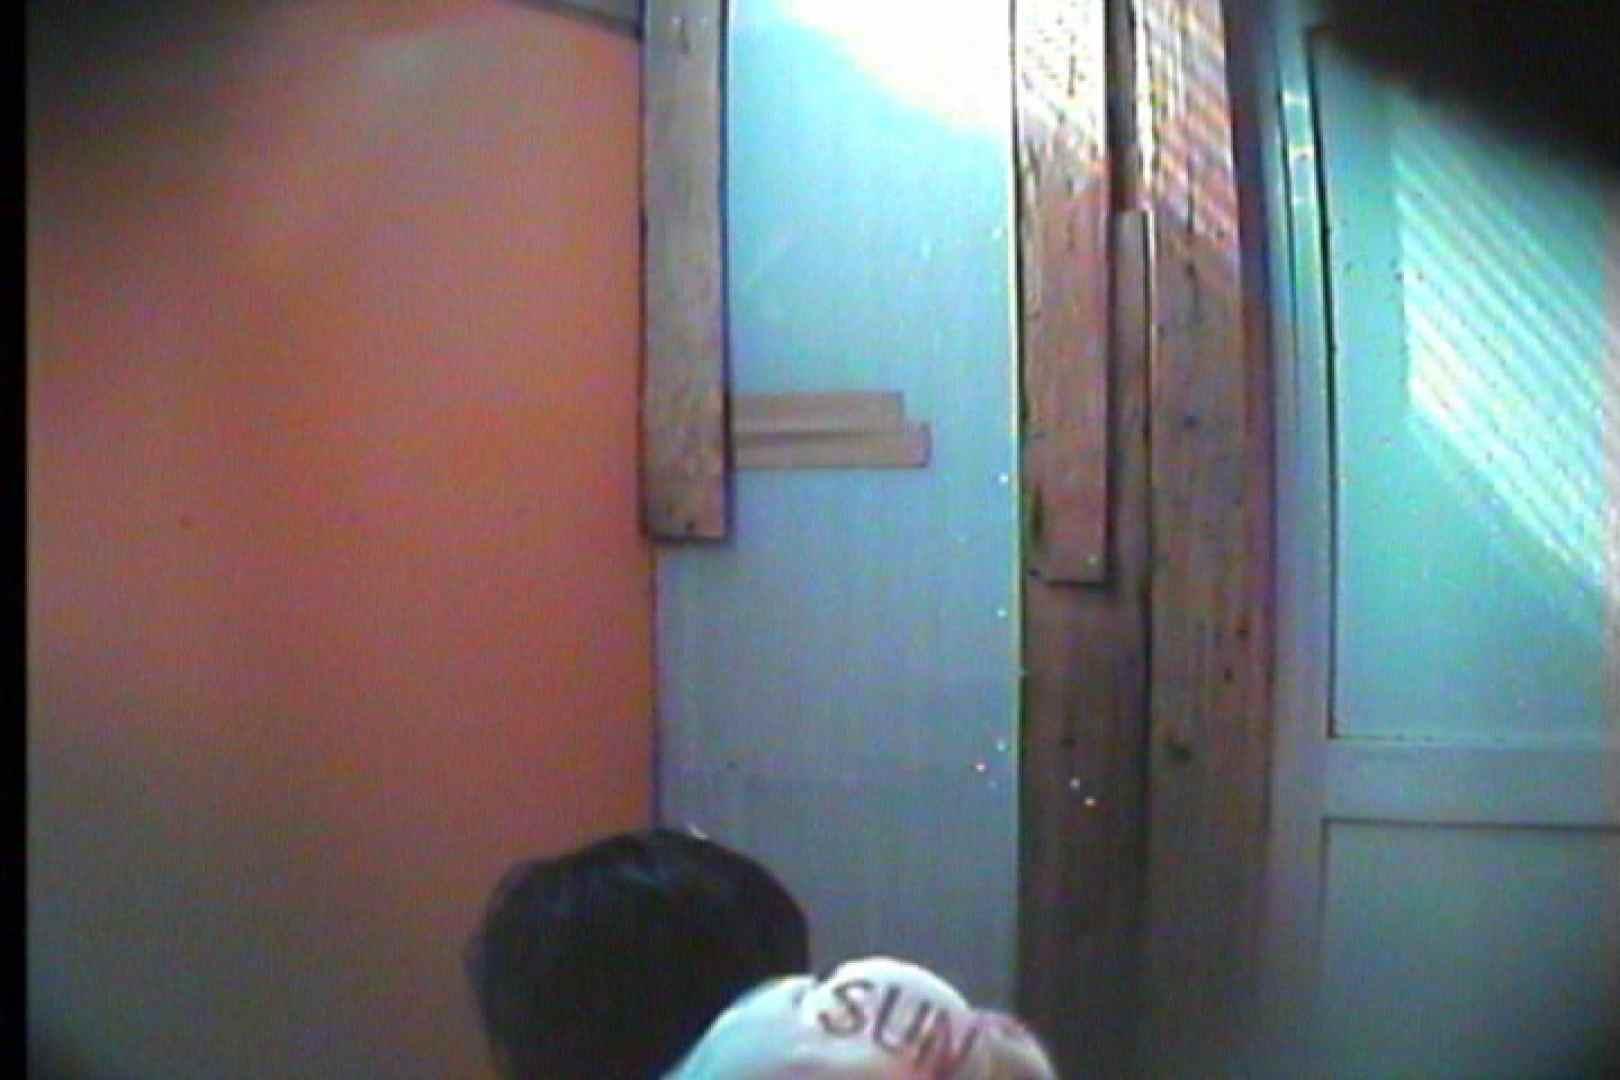 海の家の更衣室 Vol.17 OLのボディ | 美女のボディ  94PIX 7